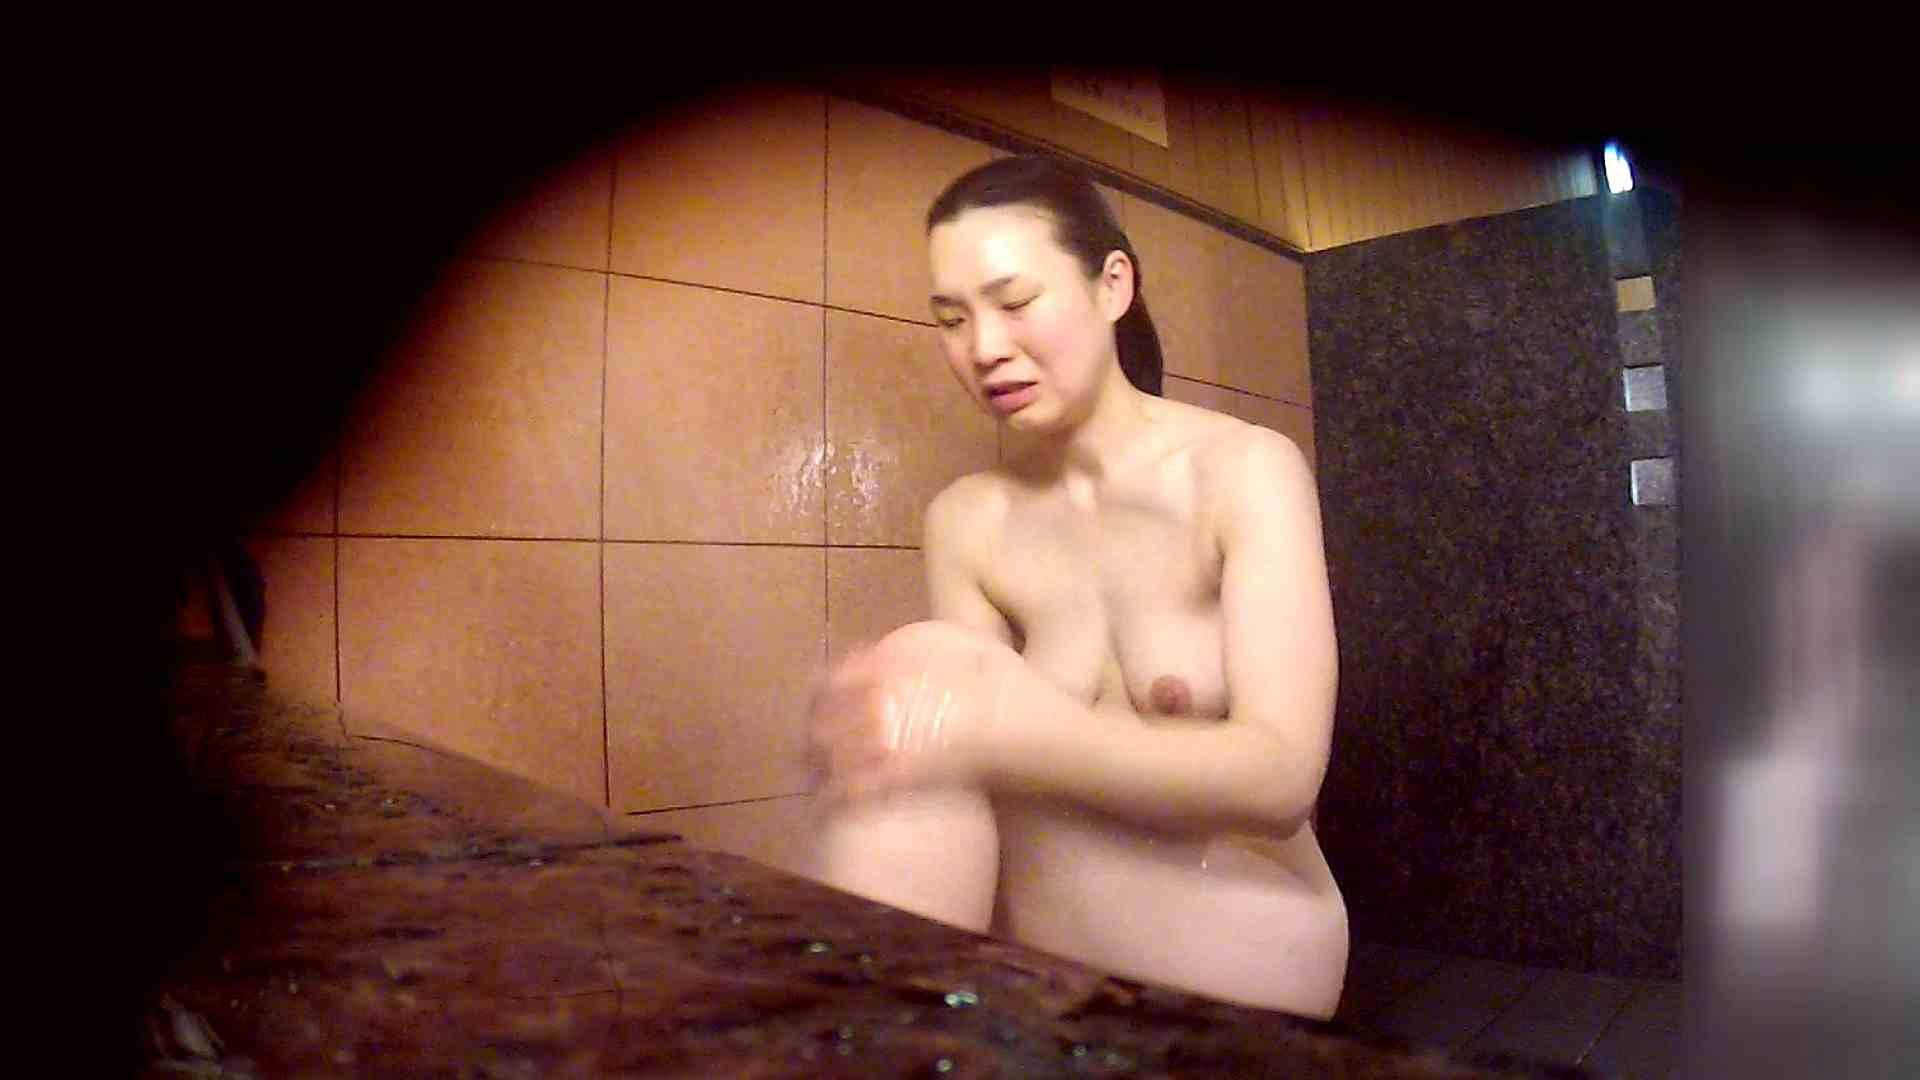 洗い場!マッスルお嬢さん!でもオッパイだけは柔らかそうです。 巨乳 | むっちり  108画像 69